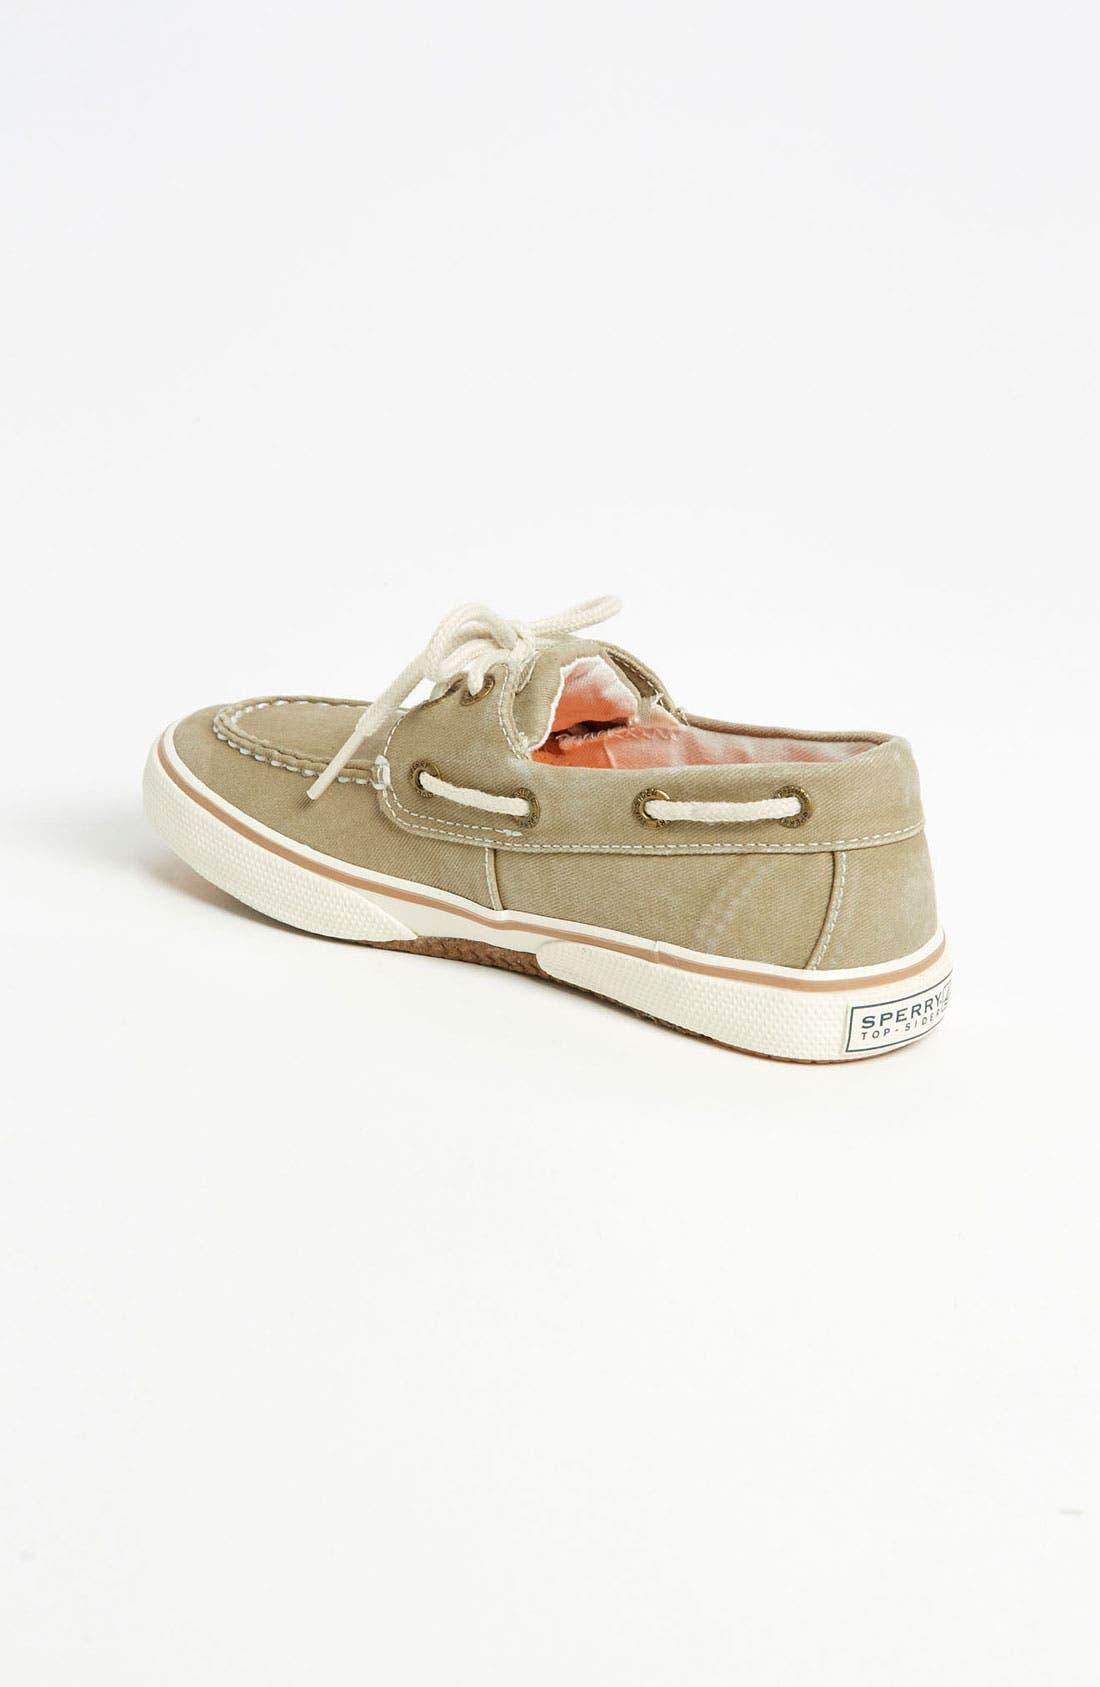 Alternate Image 2  - Sperry Top-Sider® Kids 'Halyard' Boat Shoe (Walker, Toddler, Little Kid & Big Kid)